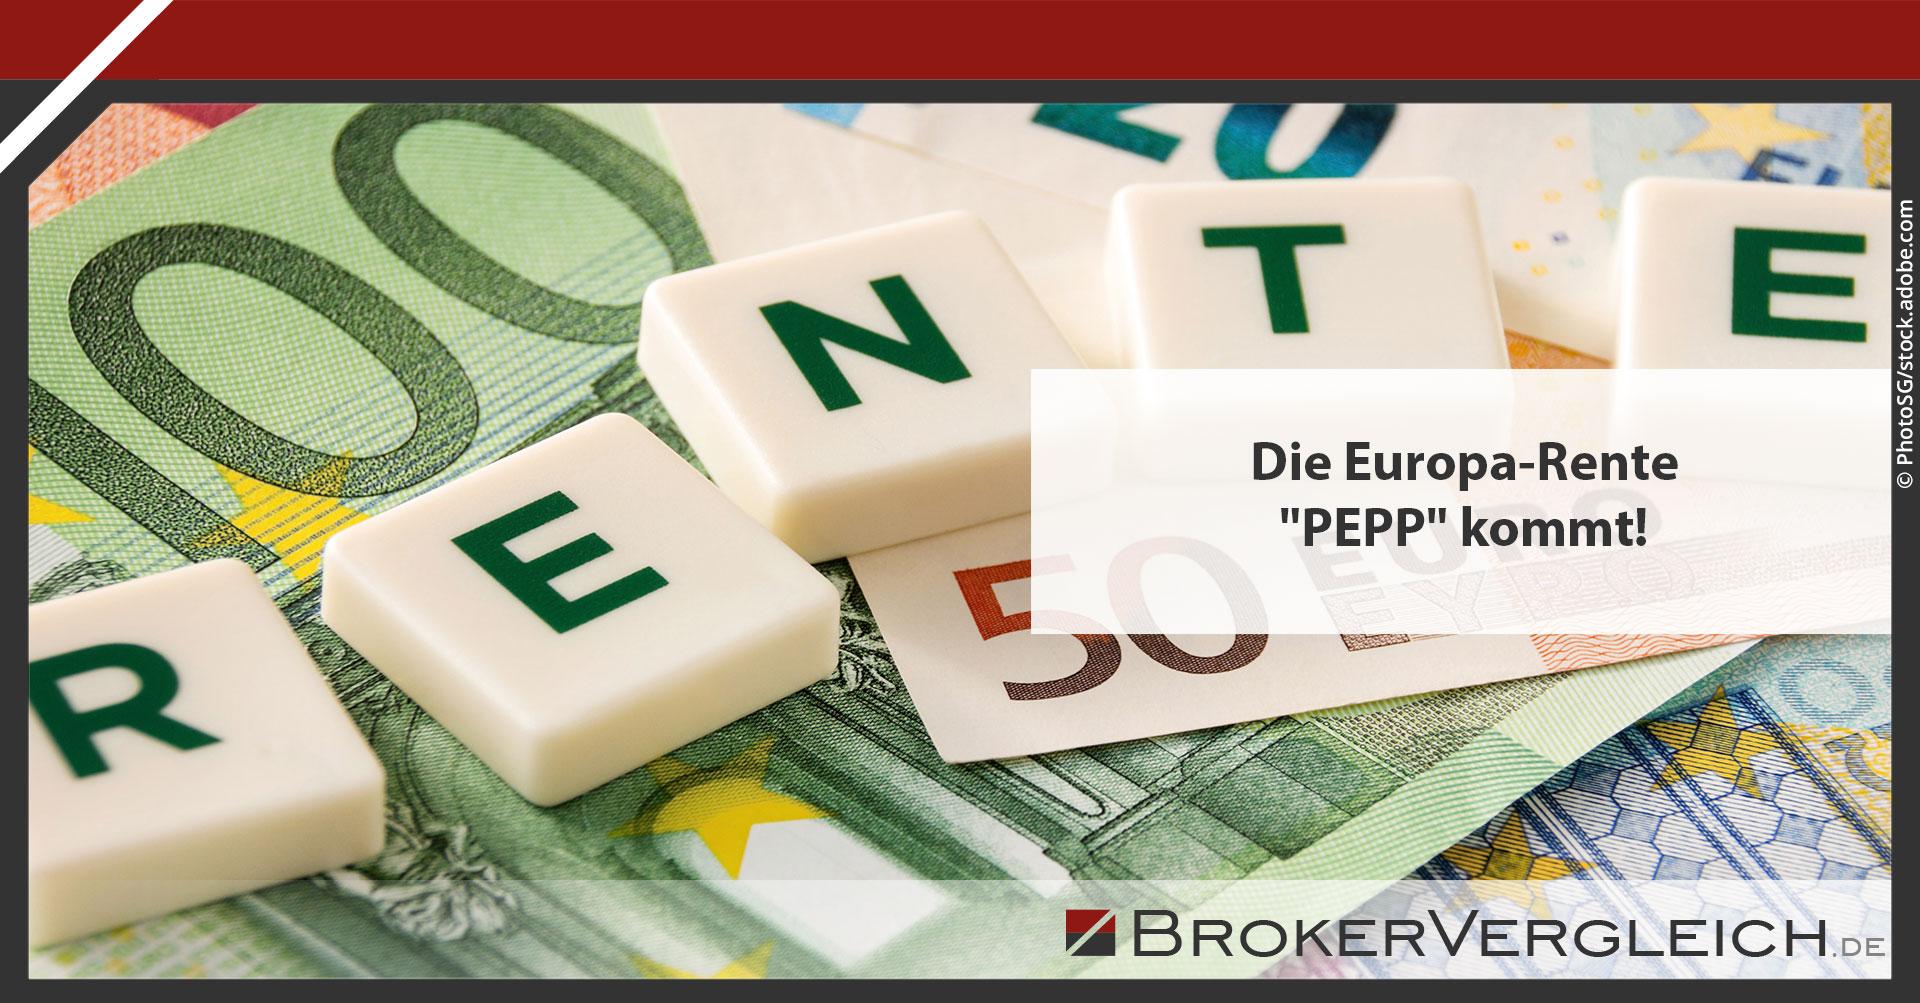 Die Europa-Rente kommt!